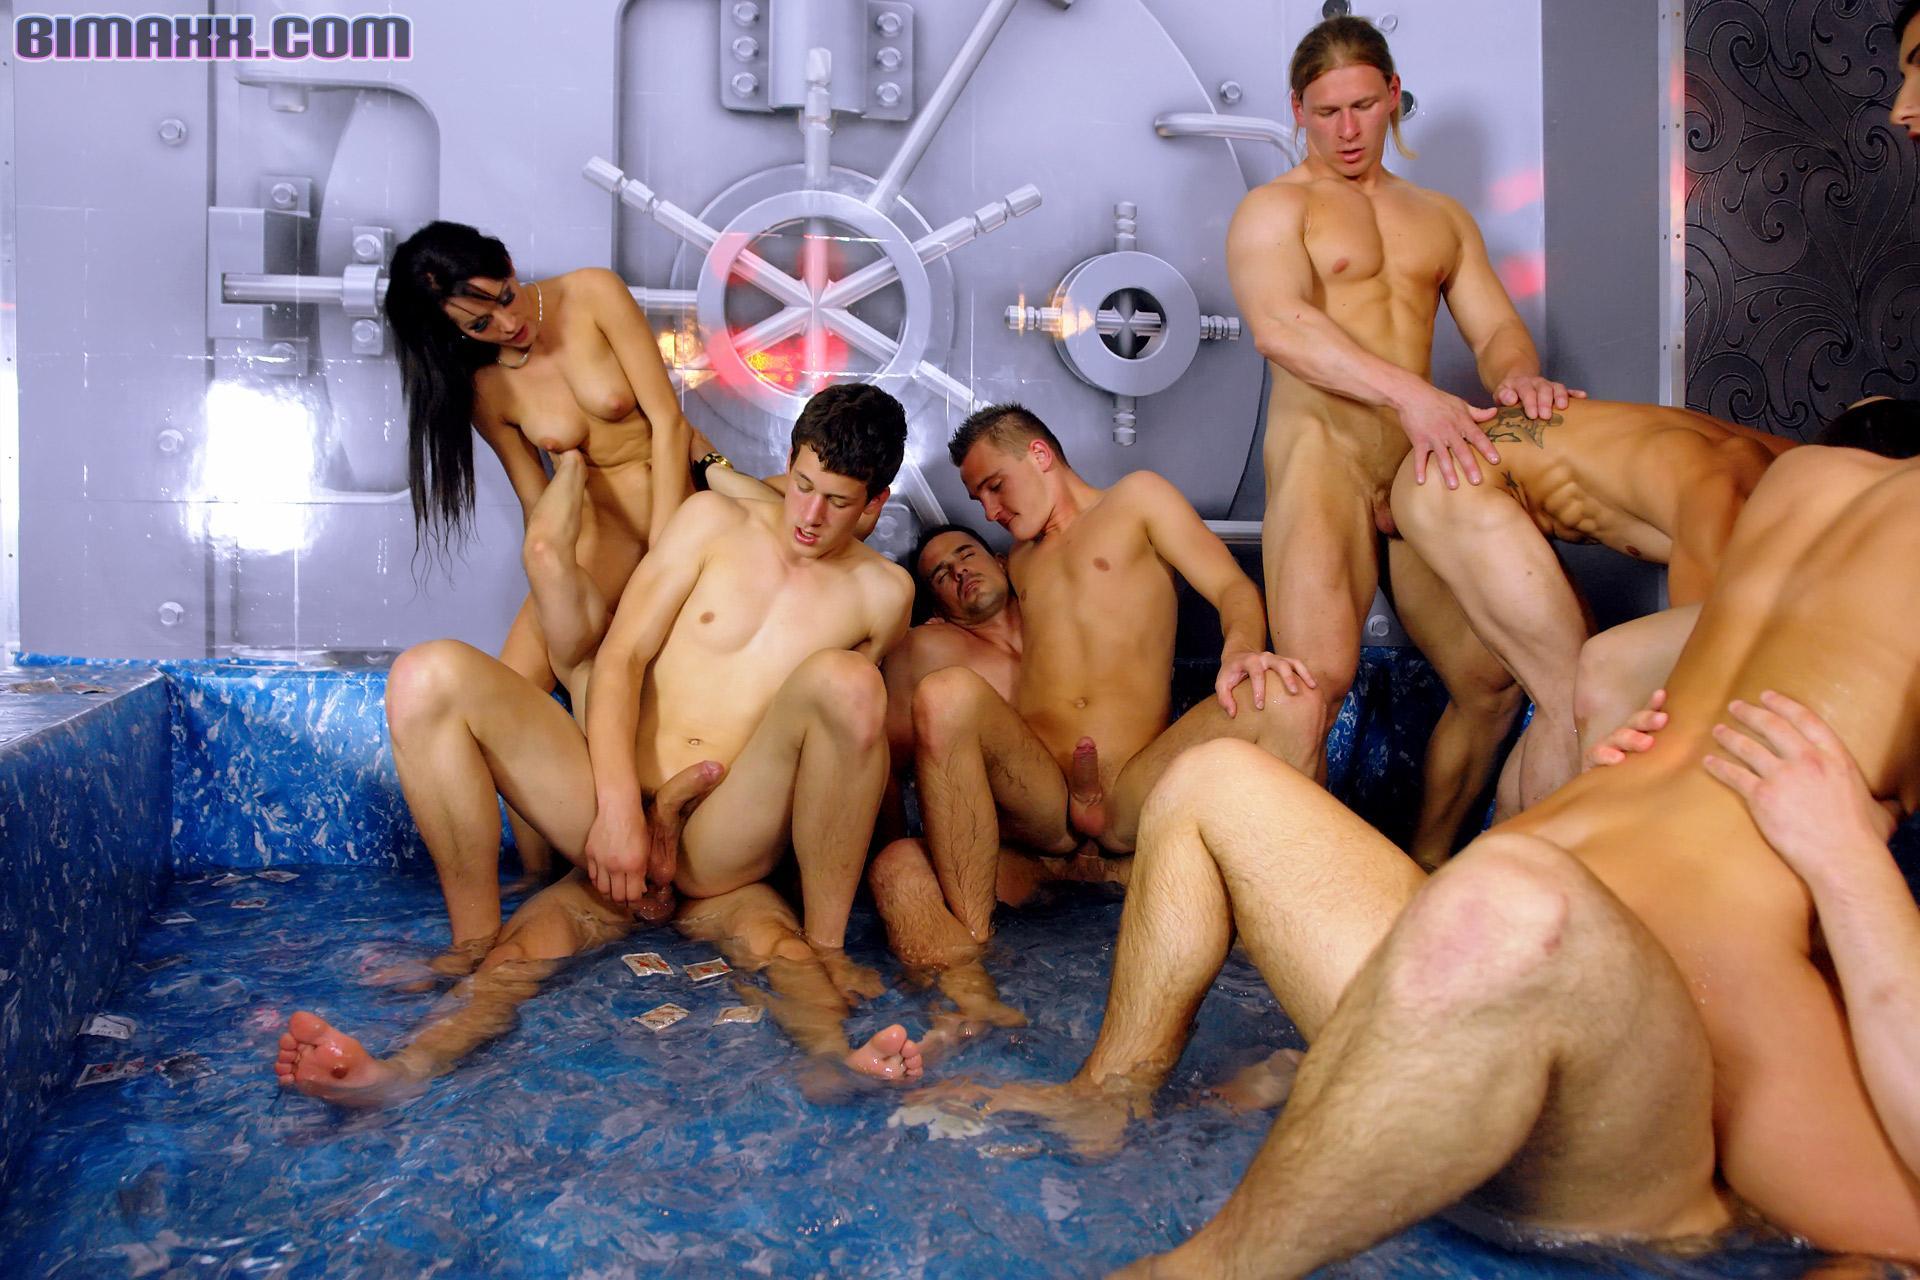 Горячая вечеринка свингеров превратилась в групповушку